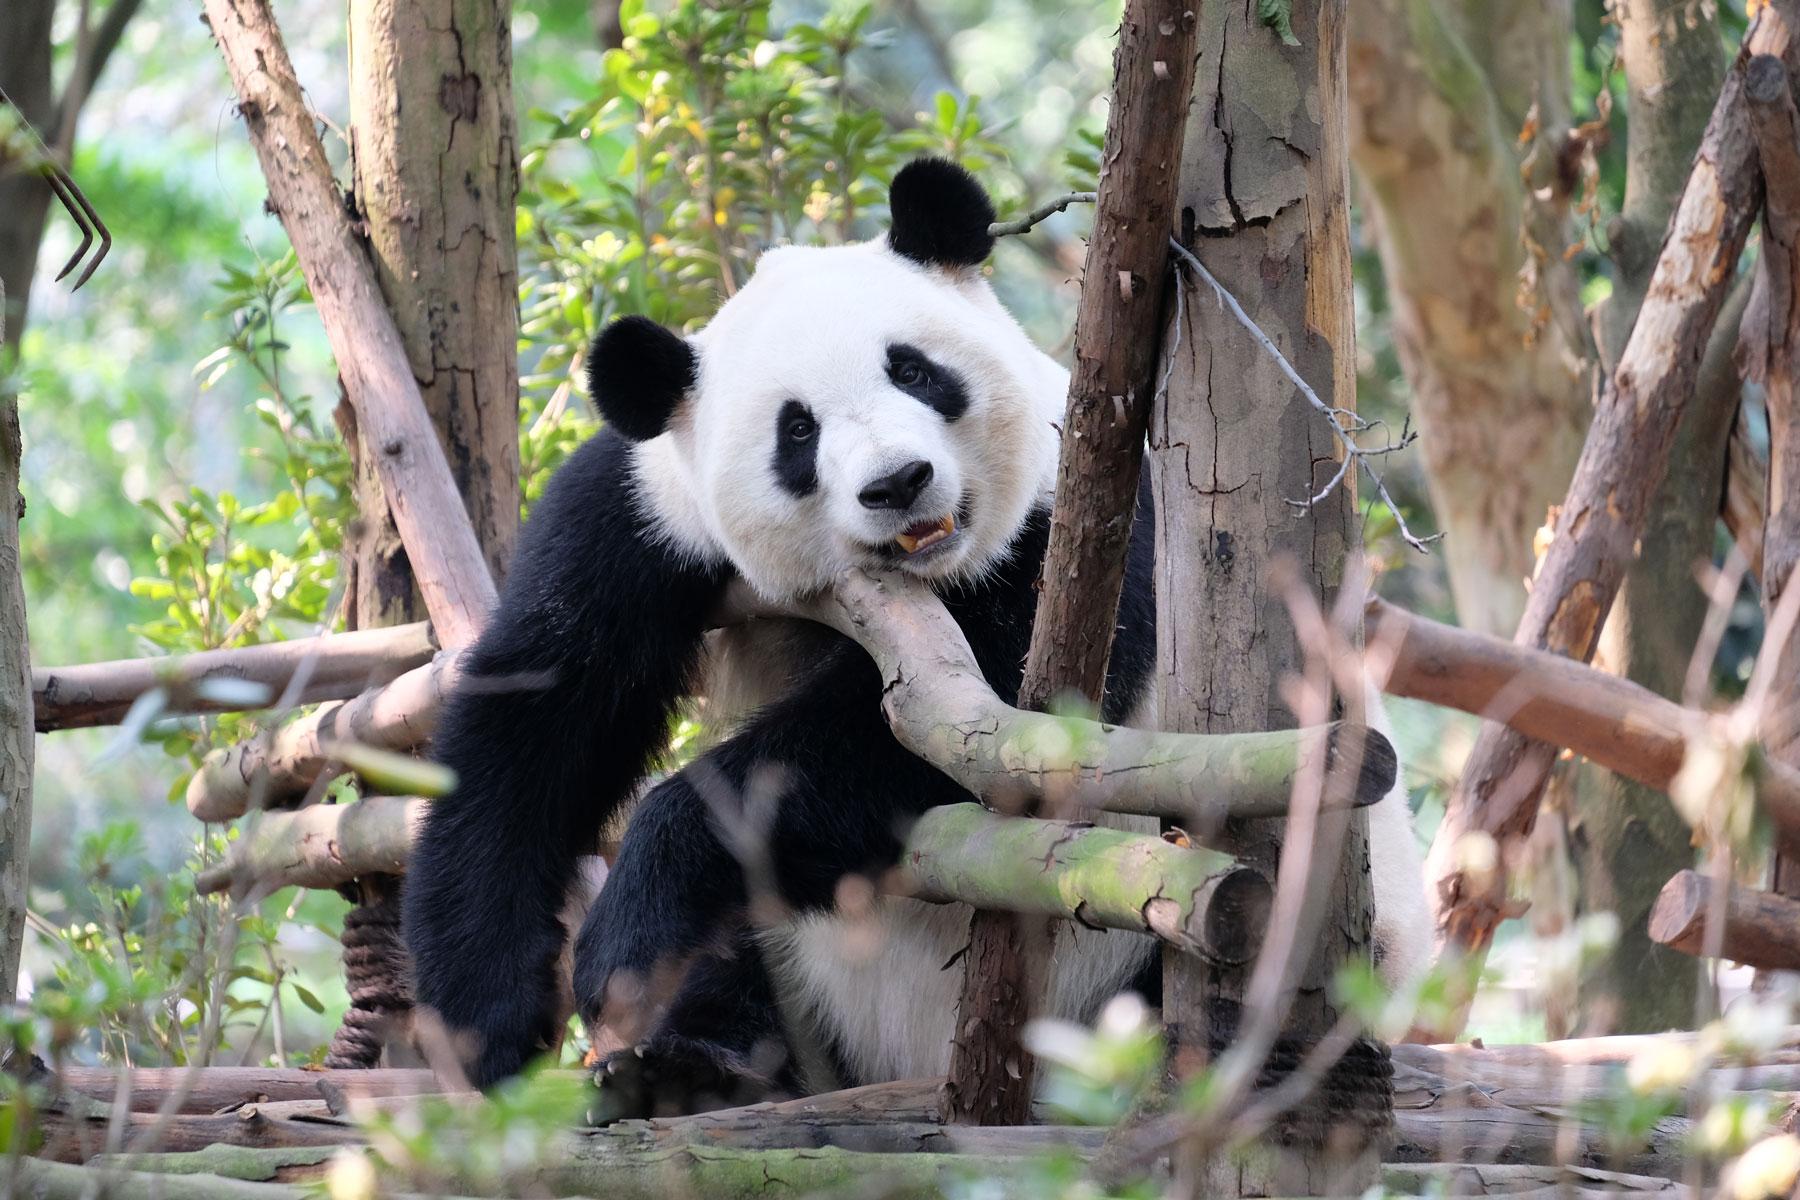 Ein großer Panda hängt träge an einem Holzgerüst.